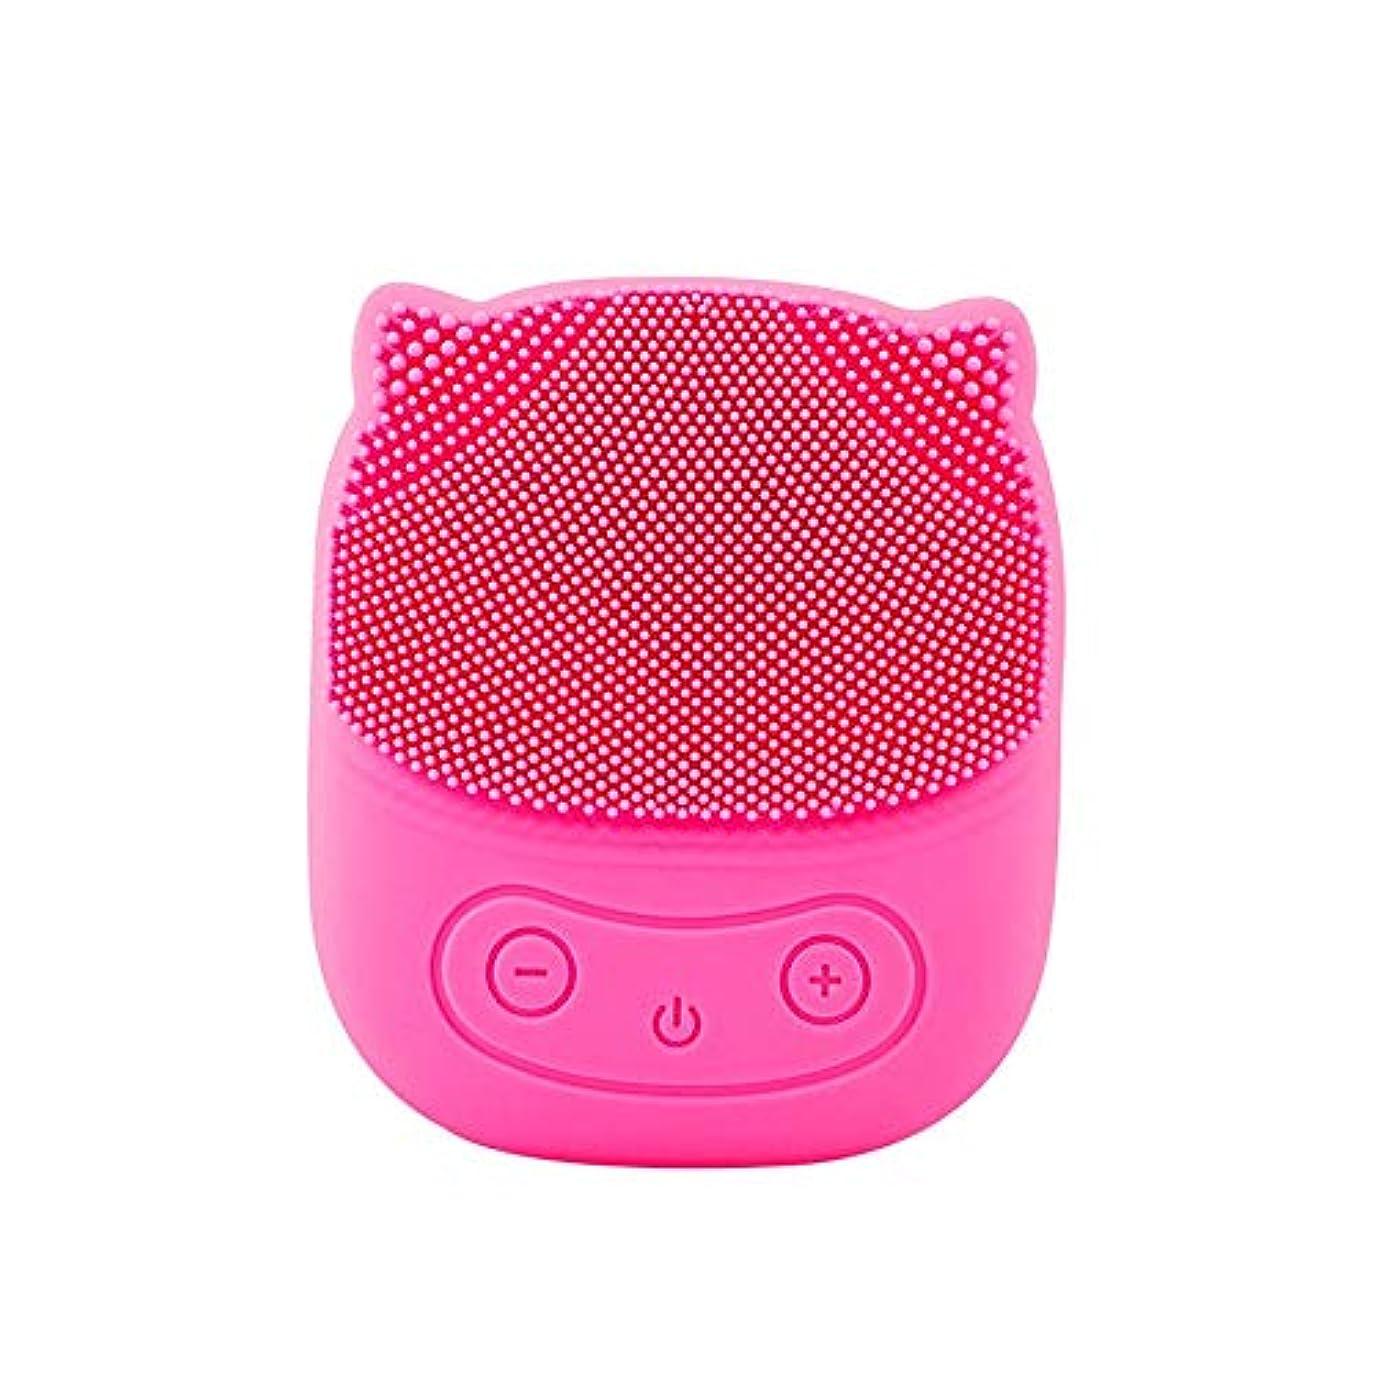 防水シリコンクレンジング器具ポアクレンジング振動フェイシャルマッサージ美容器具ウォッシュアーティファクト (Color : Rose red)